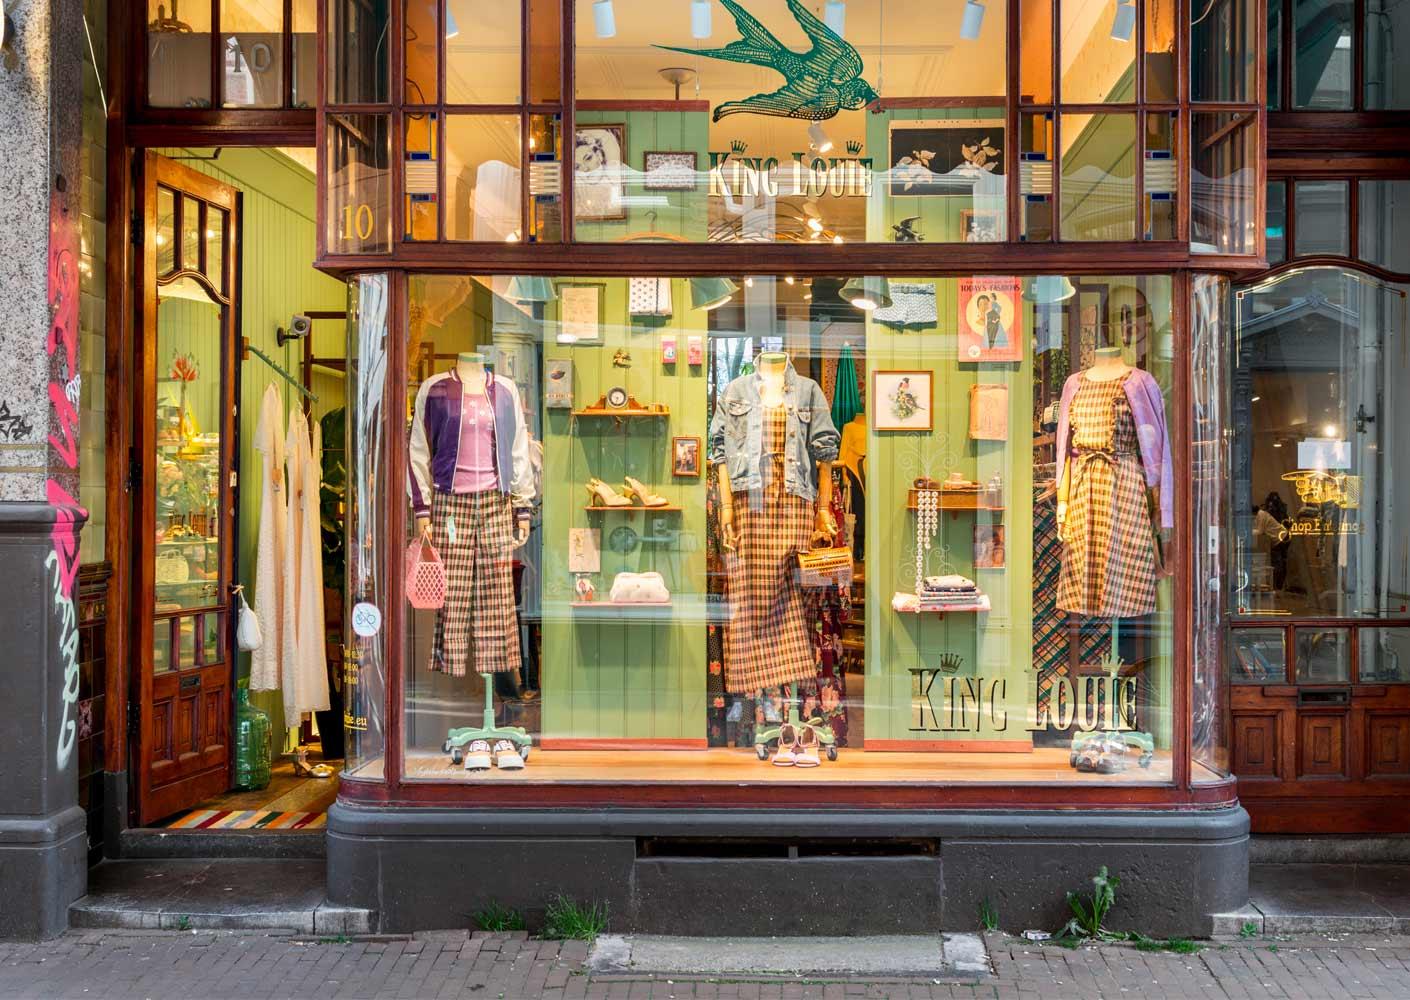 https://www.kinglouie.nl/onze-winkel